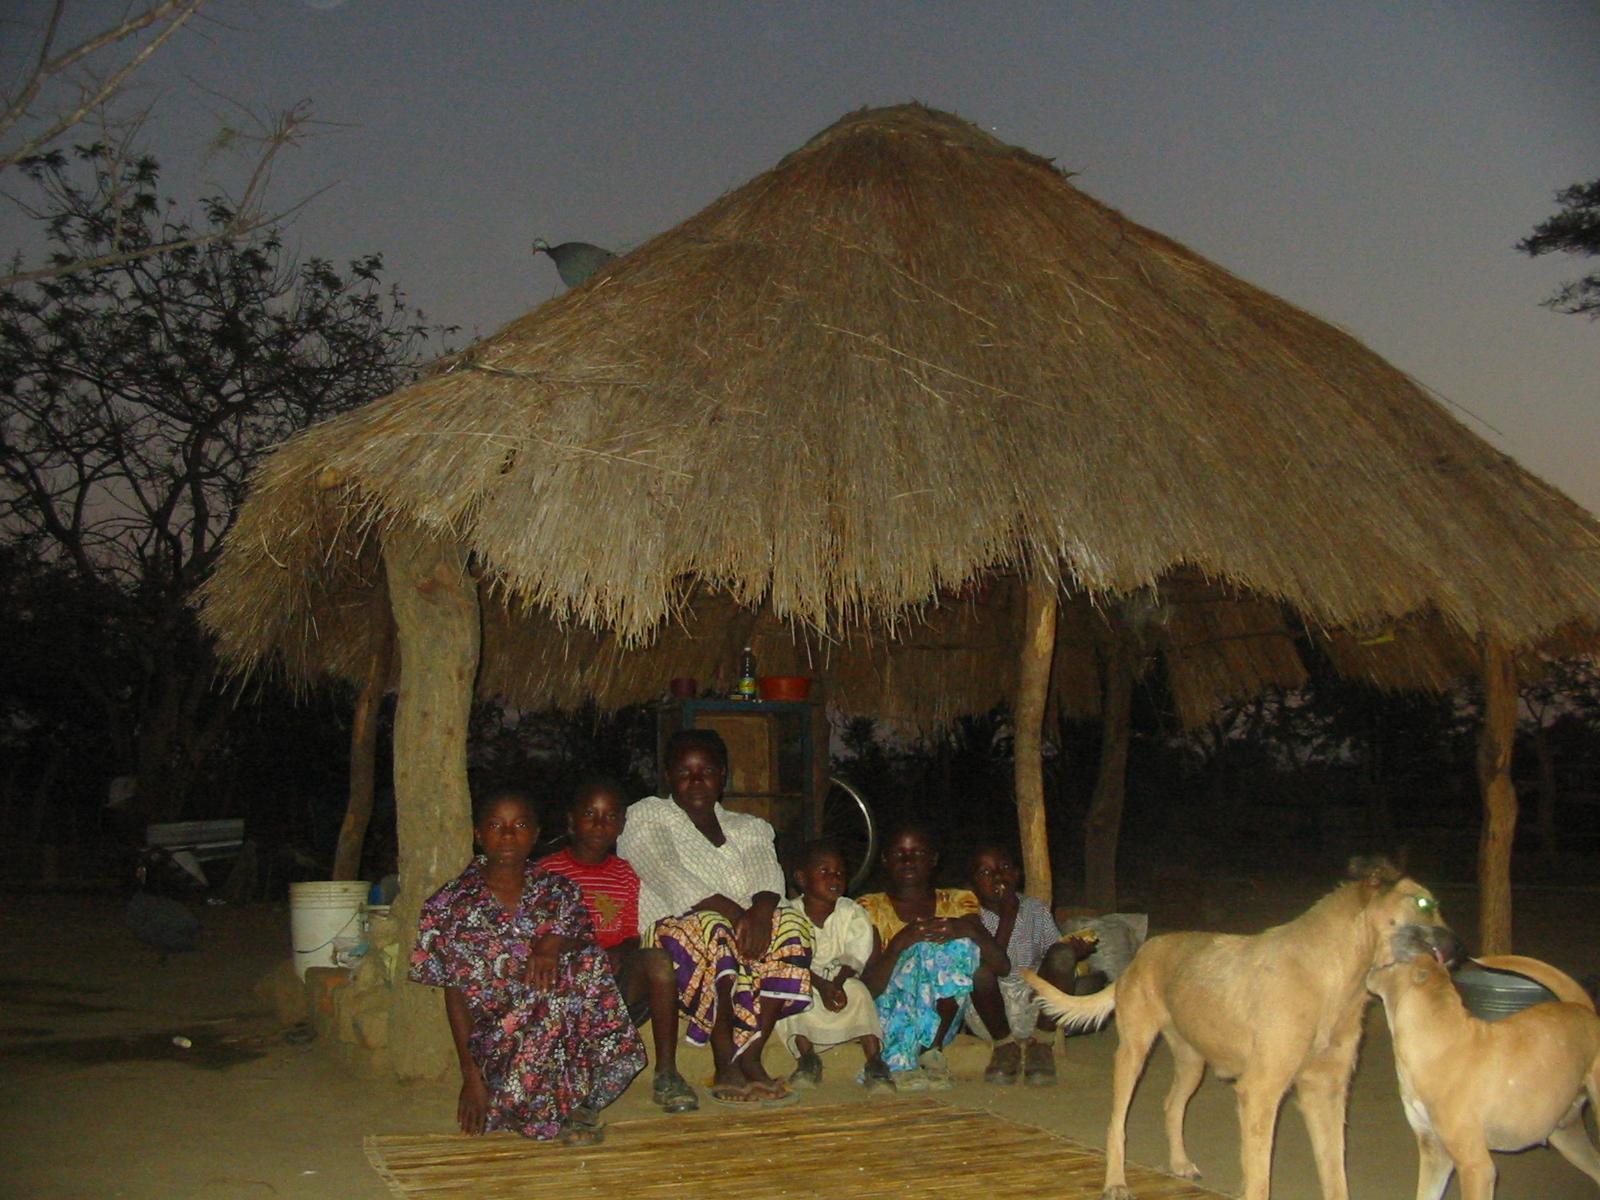 صور صور من زامبيا , بلد افريقى ملئ بالثروات الطبيعية